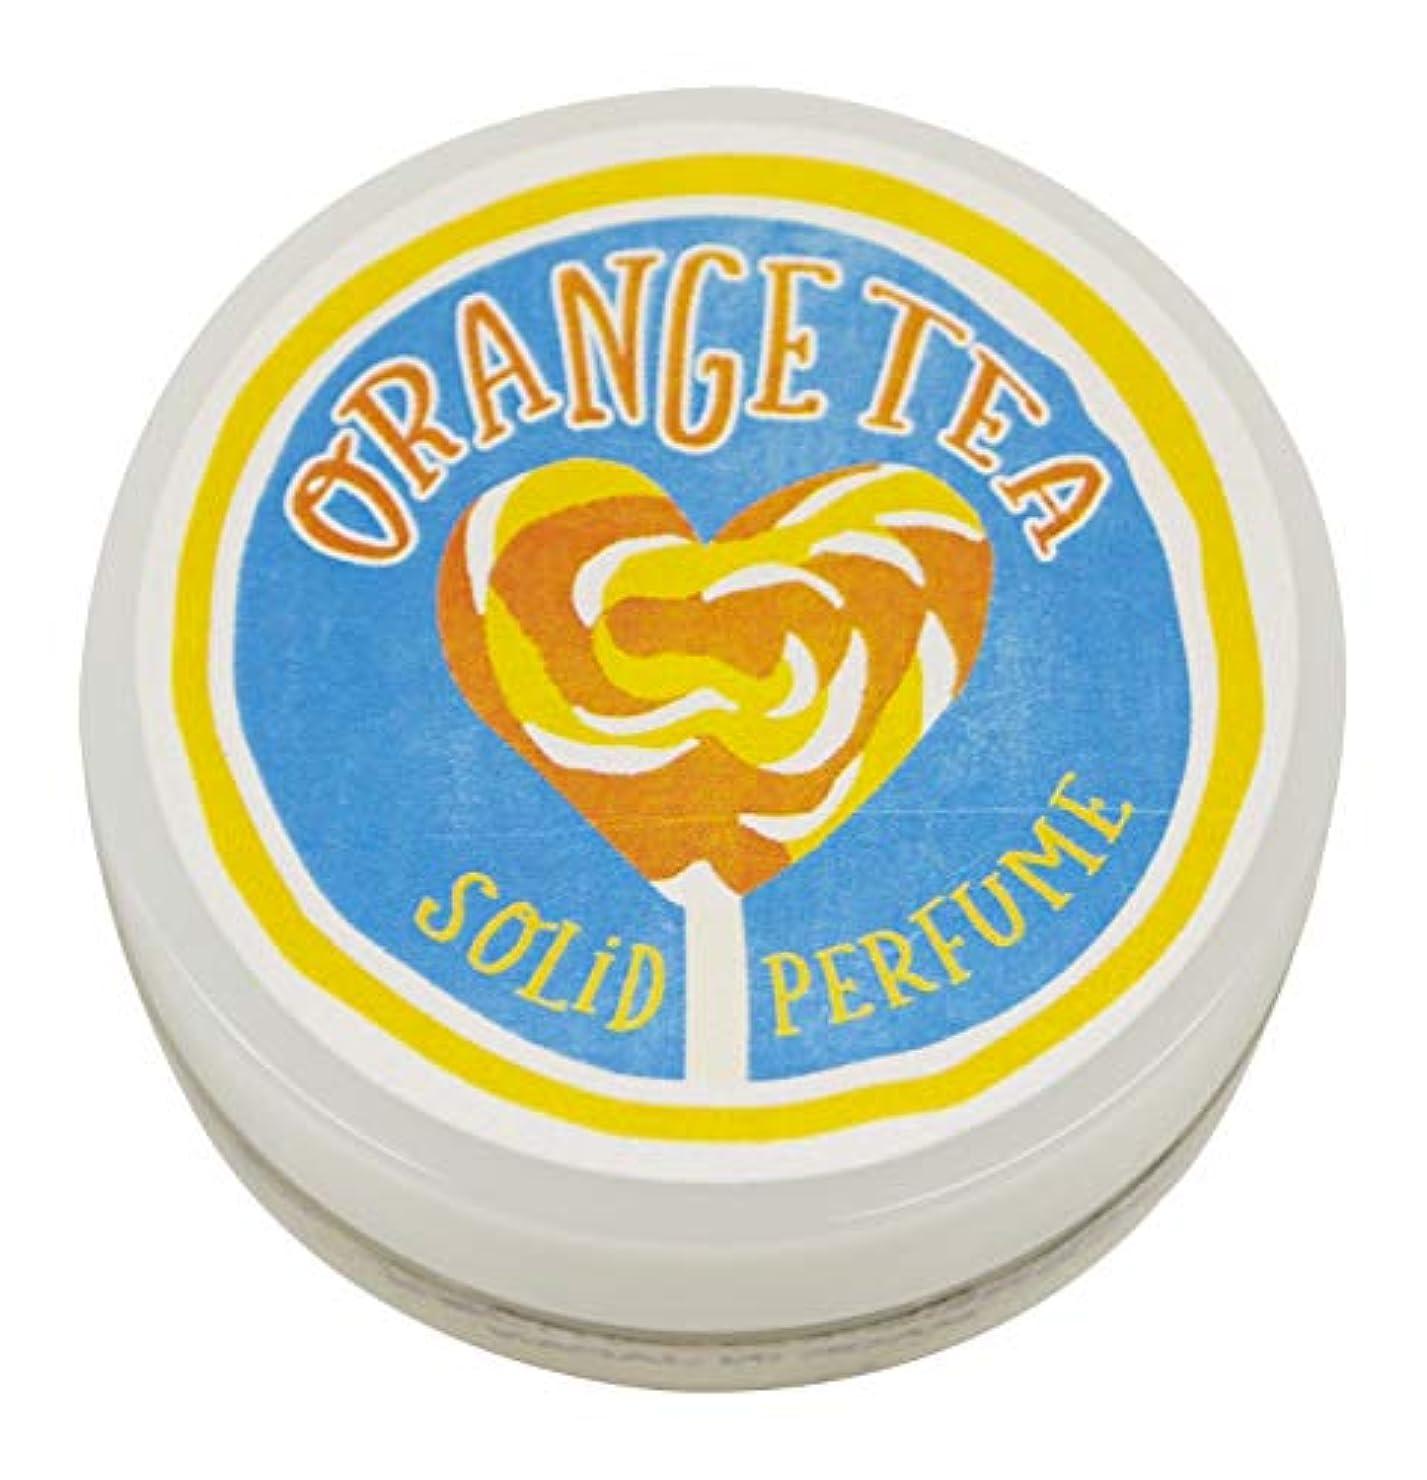 マウスピース討論抽出コトラボ 練り香水 8g オレンジティー